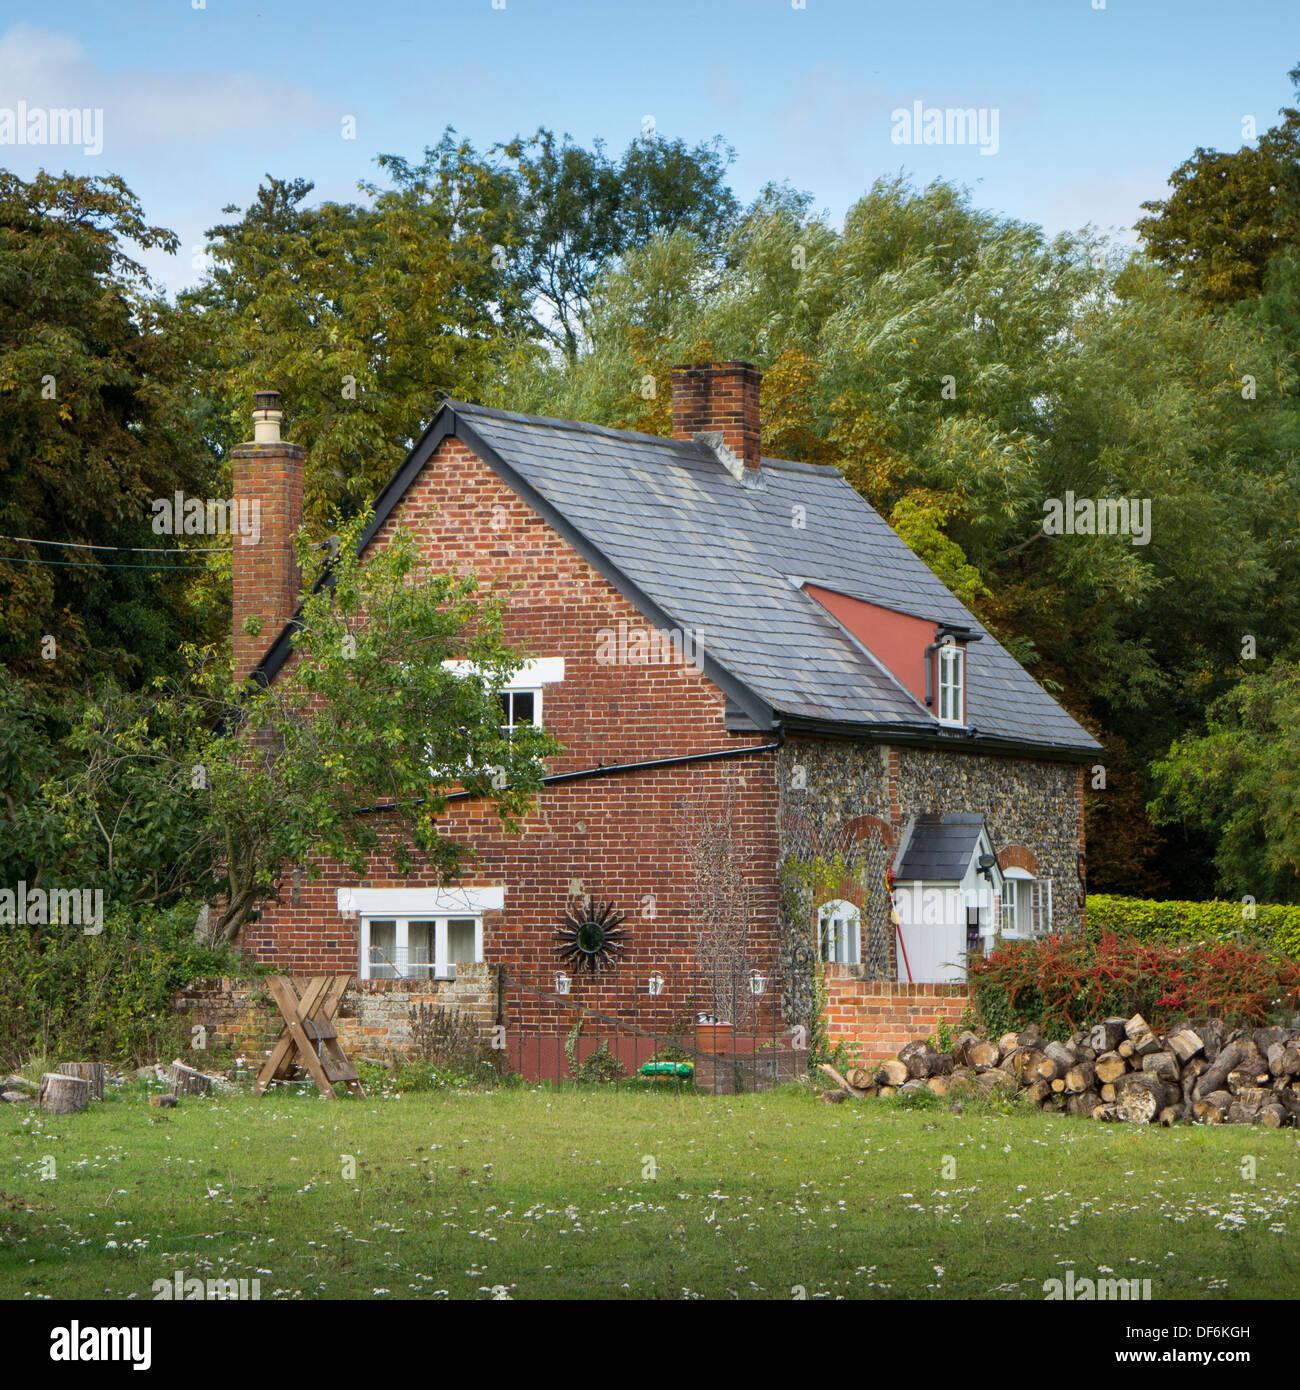 25   Schönheit small brick for Small Brick Farmhouse  155sfw